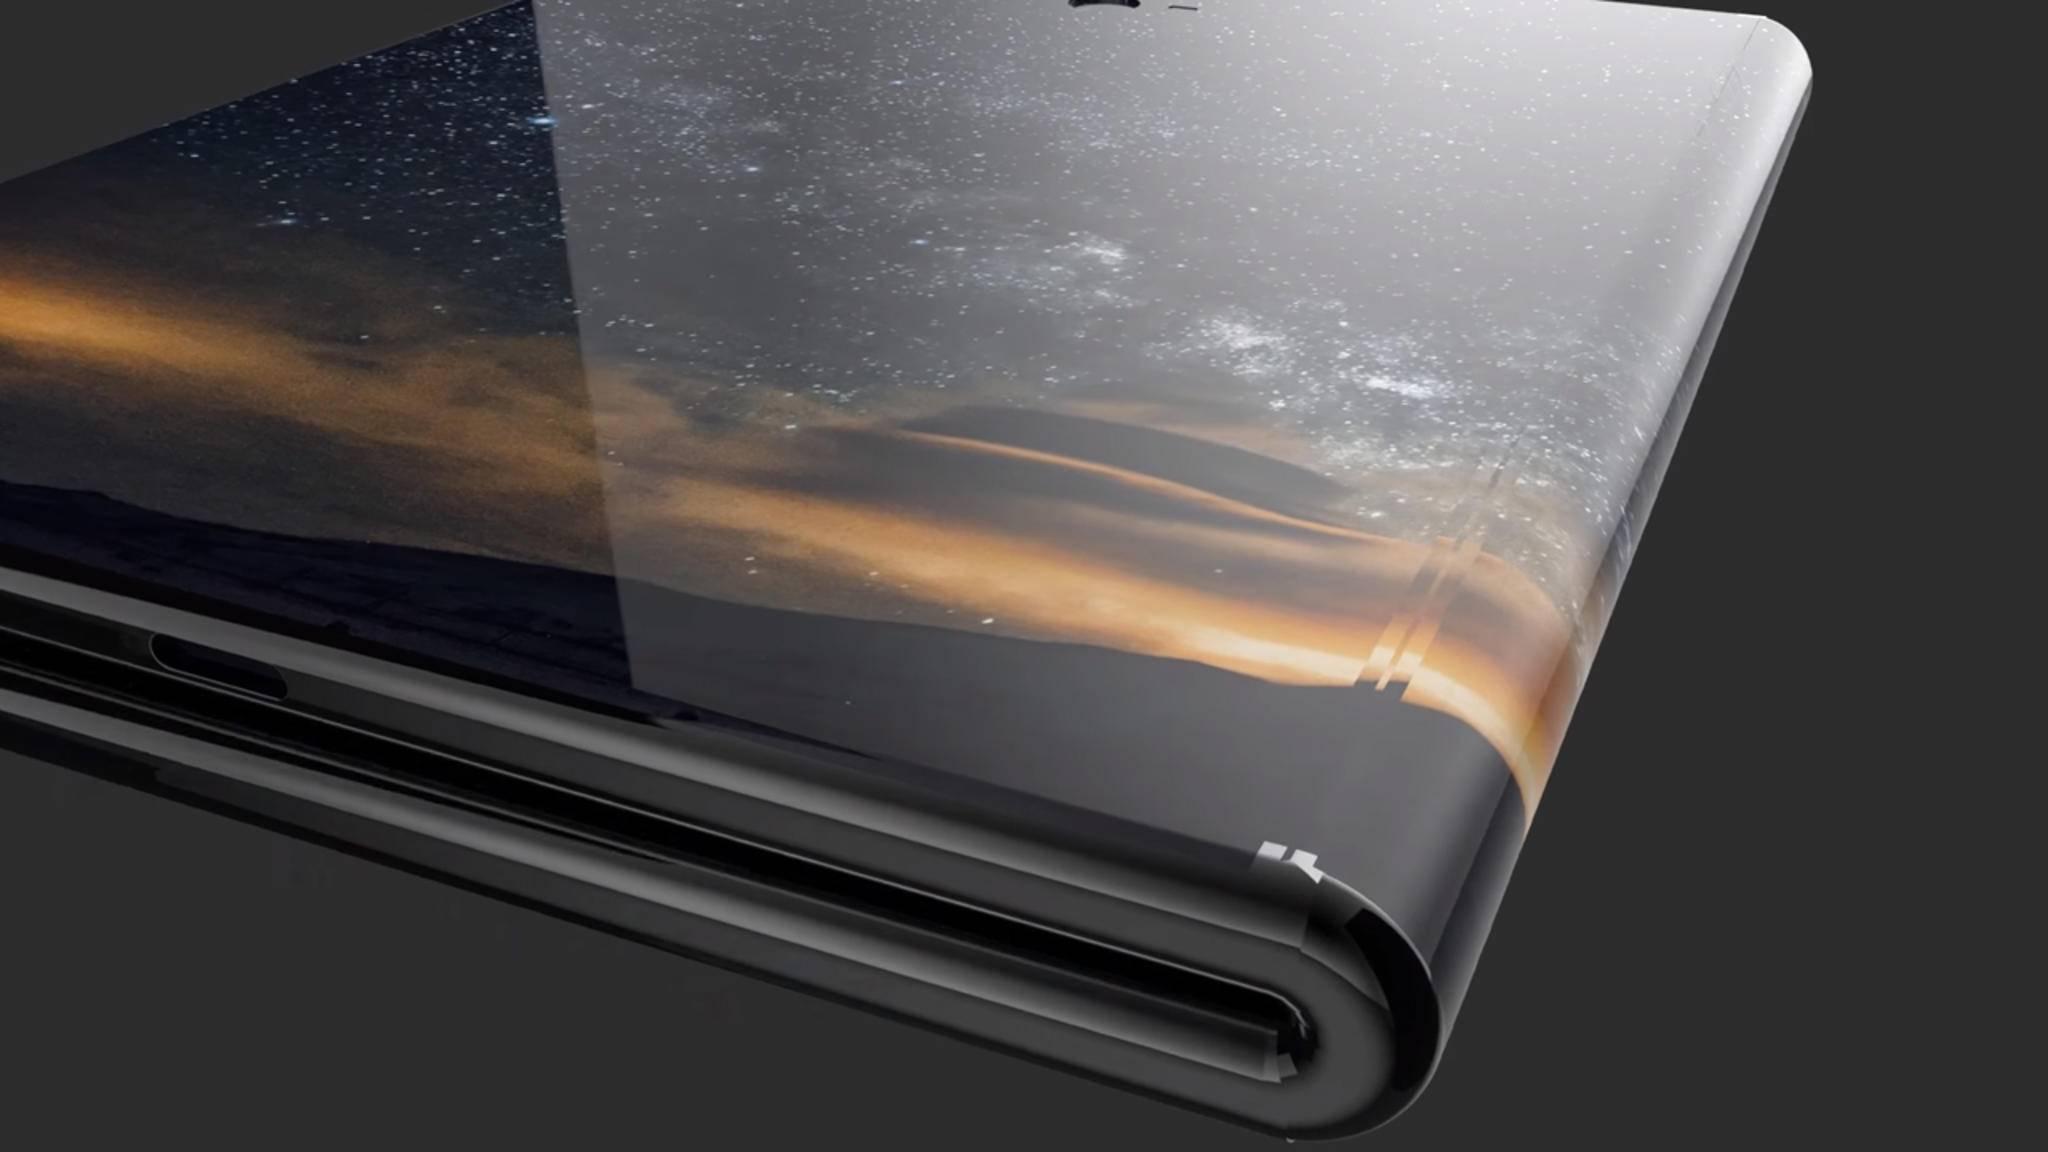 Das Samsung Galaxy X (Konzeptbild) soll eines der ersten faltbaren Smartphones werden.